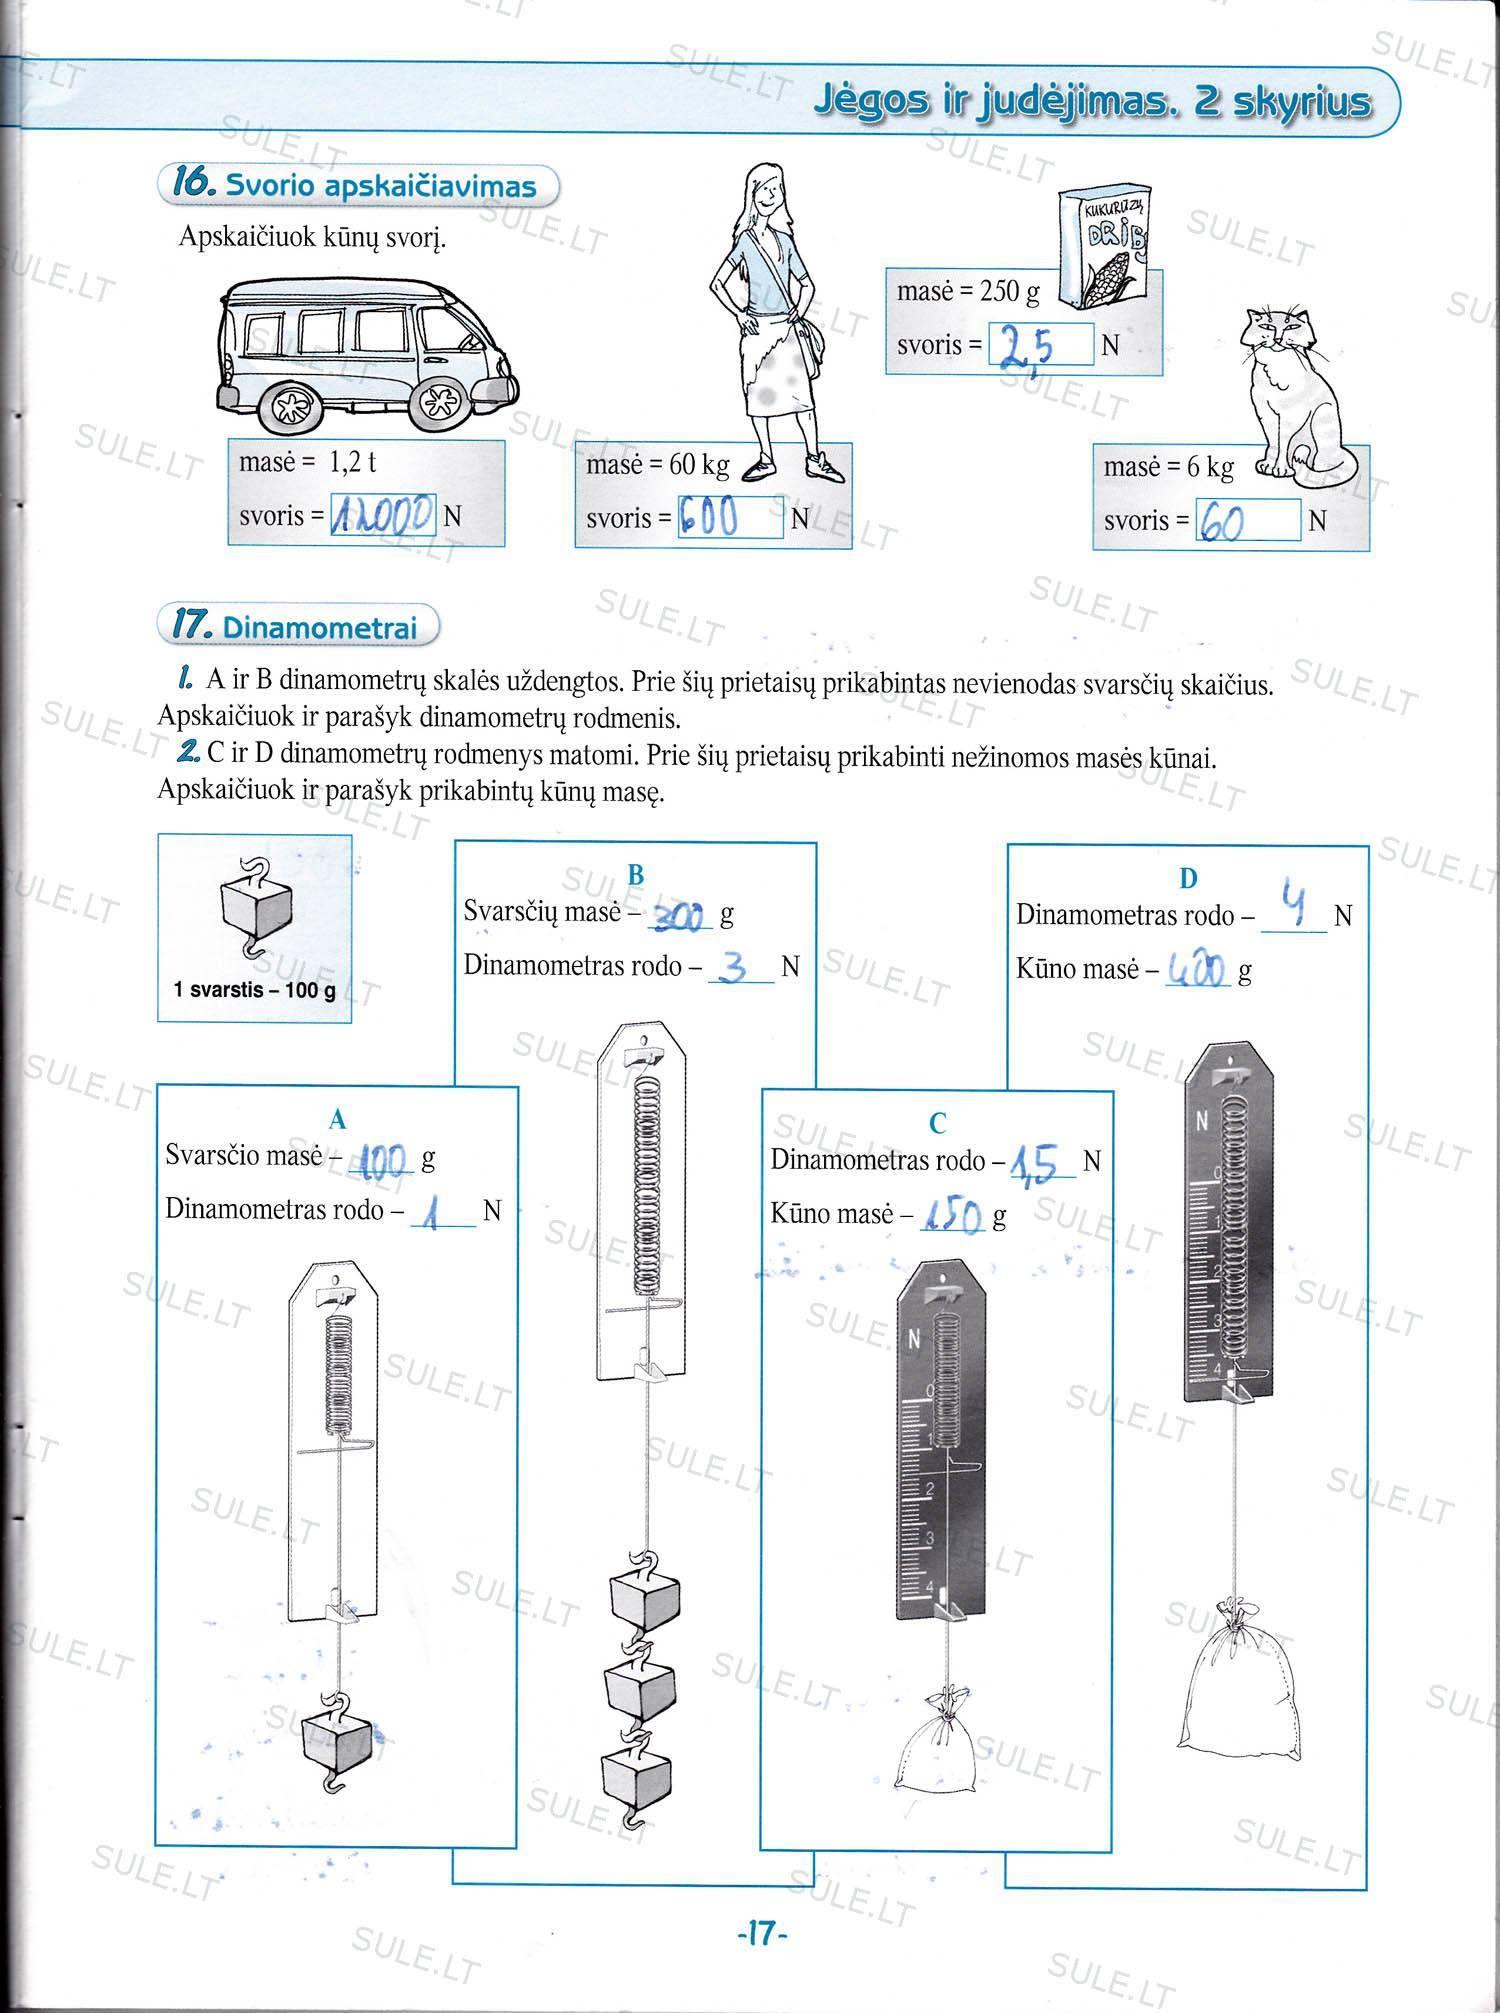 Biologija-6-klasei-2-dalis-17-puslapis